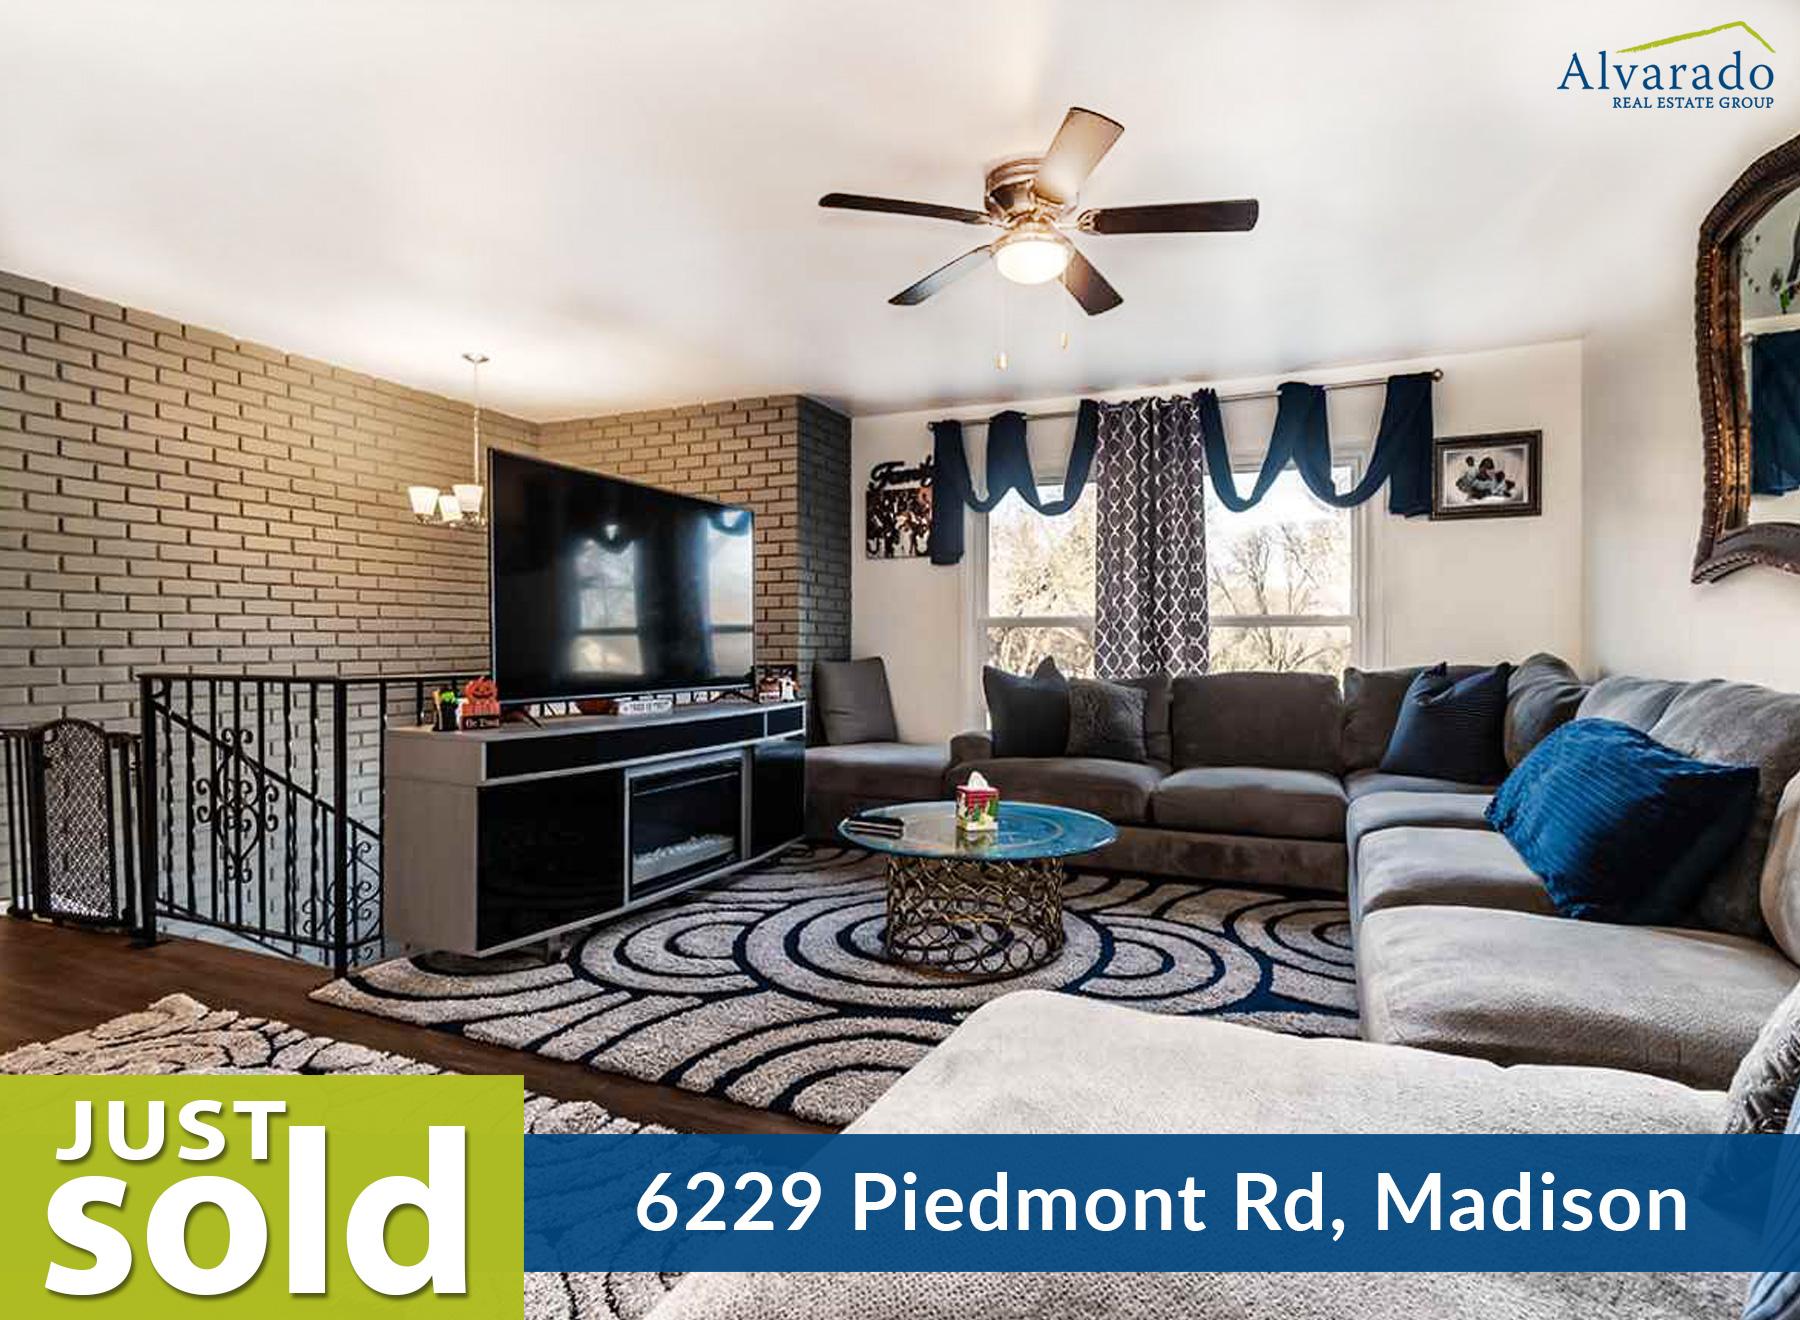 2021 L-6229-Piedmont-Rd-Tiffany